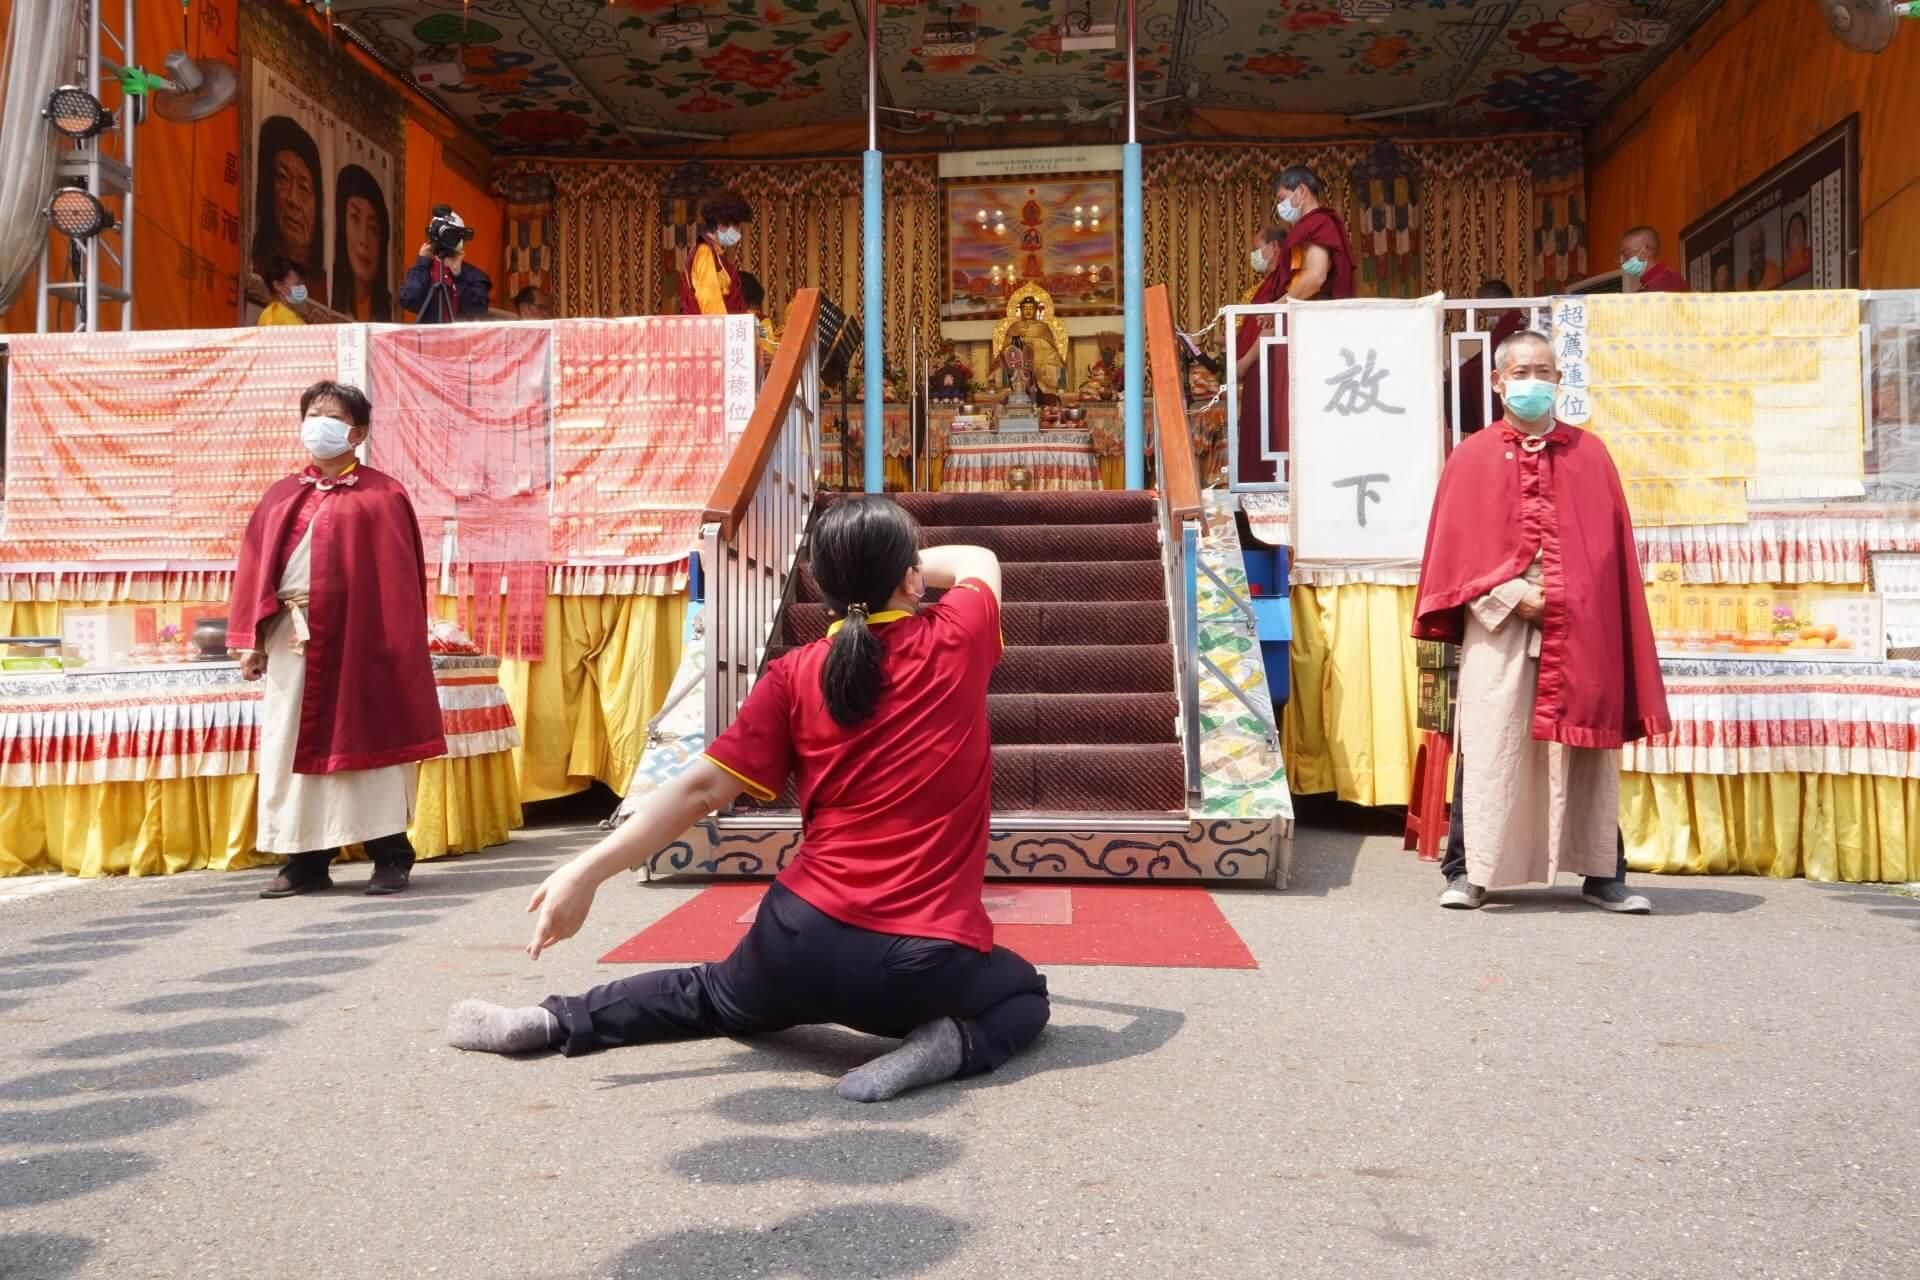 行動佛殿130站台南大興公園,觀音大悲感召加持法會,來自全國各地的信眾參加殊勝法會